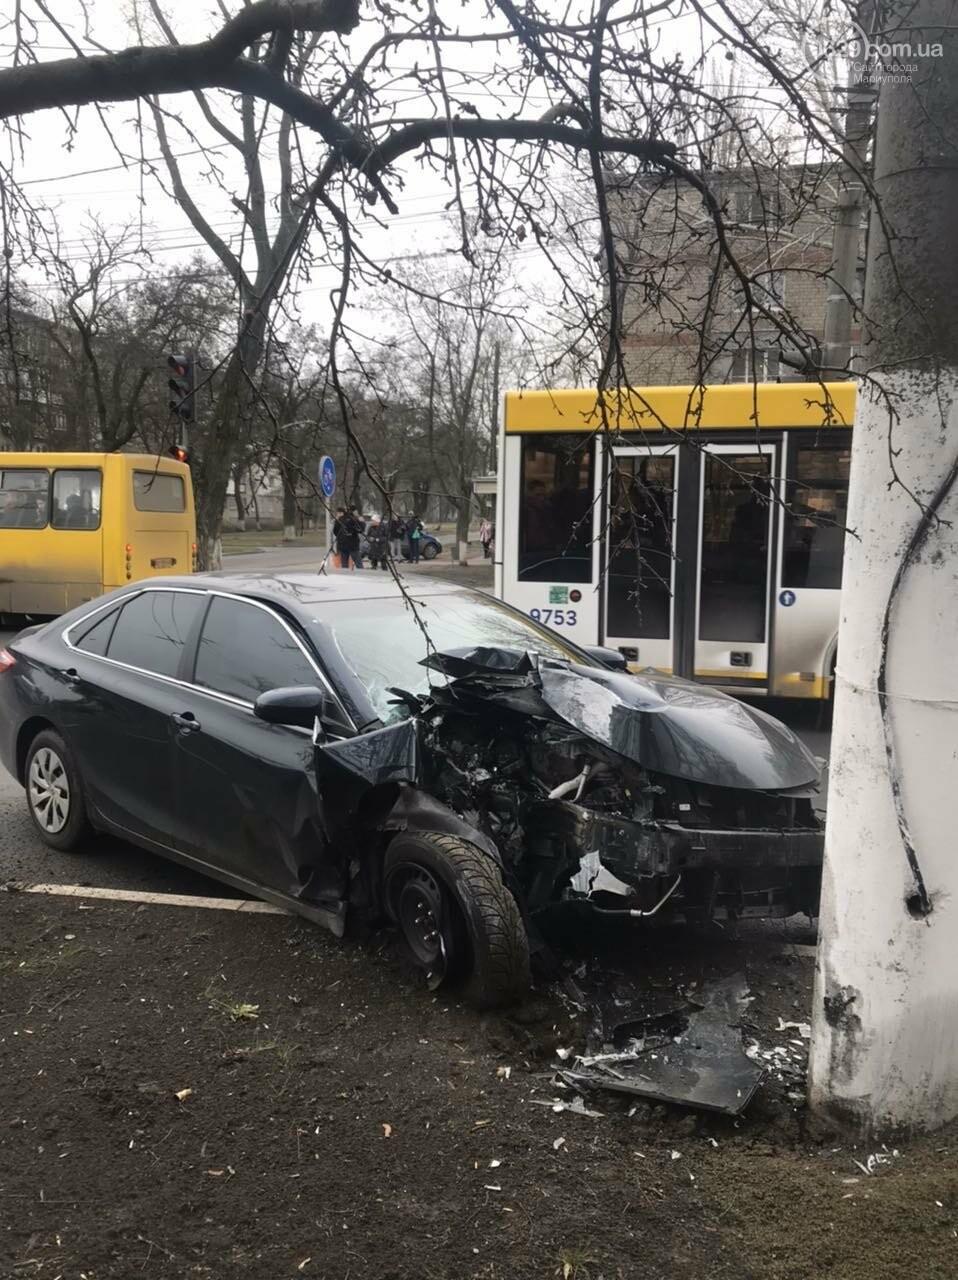 В Мариуполе еще один автомобиль влетел в столб, - ФОТО, фото-1